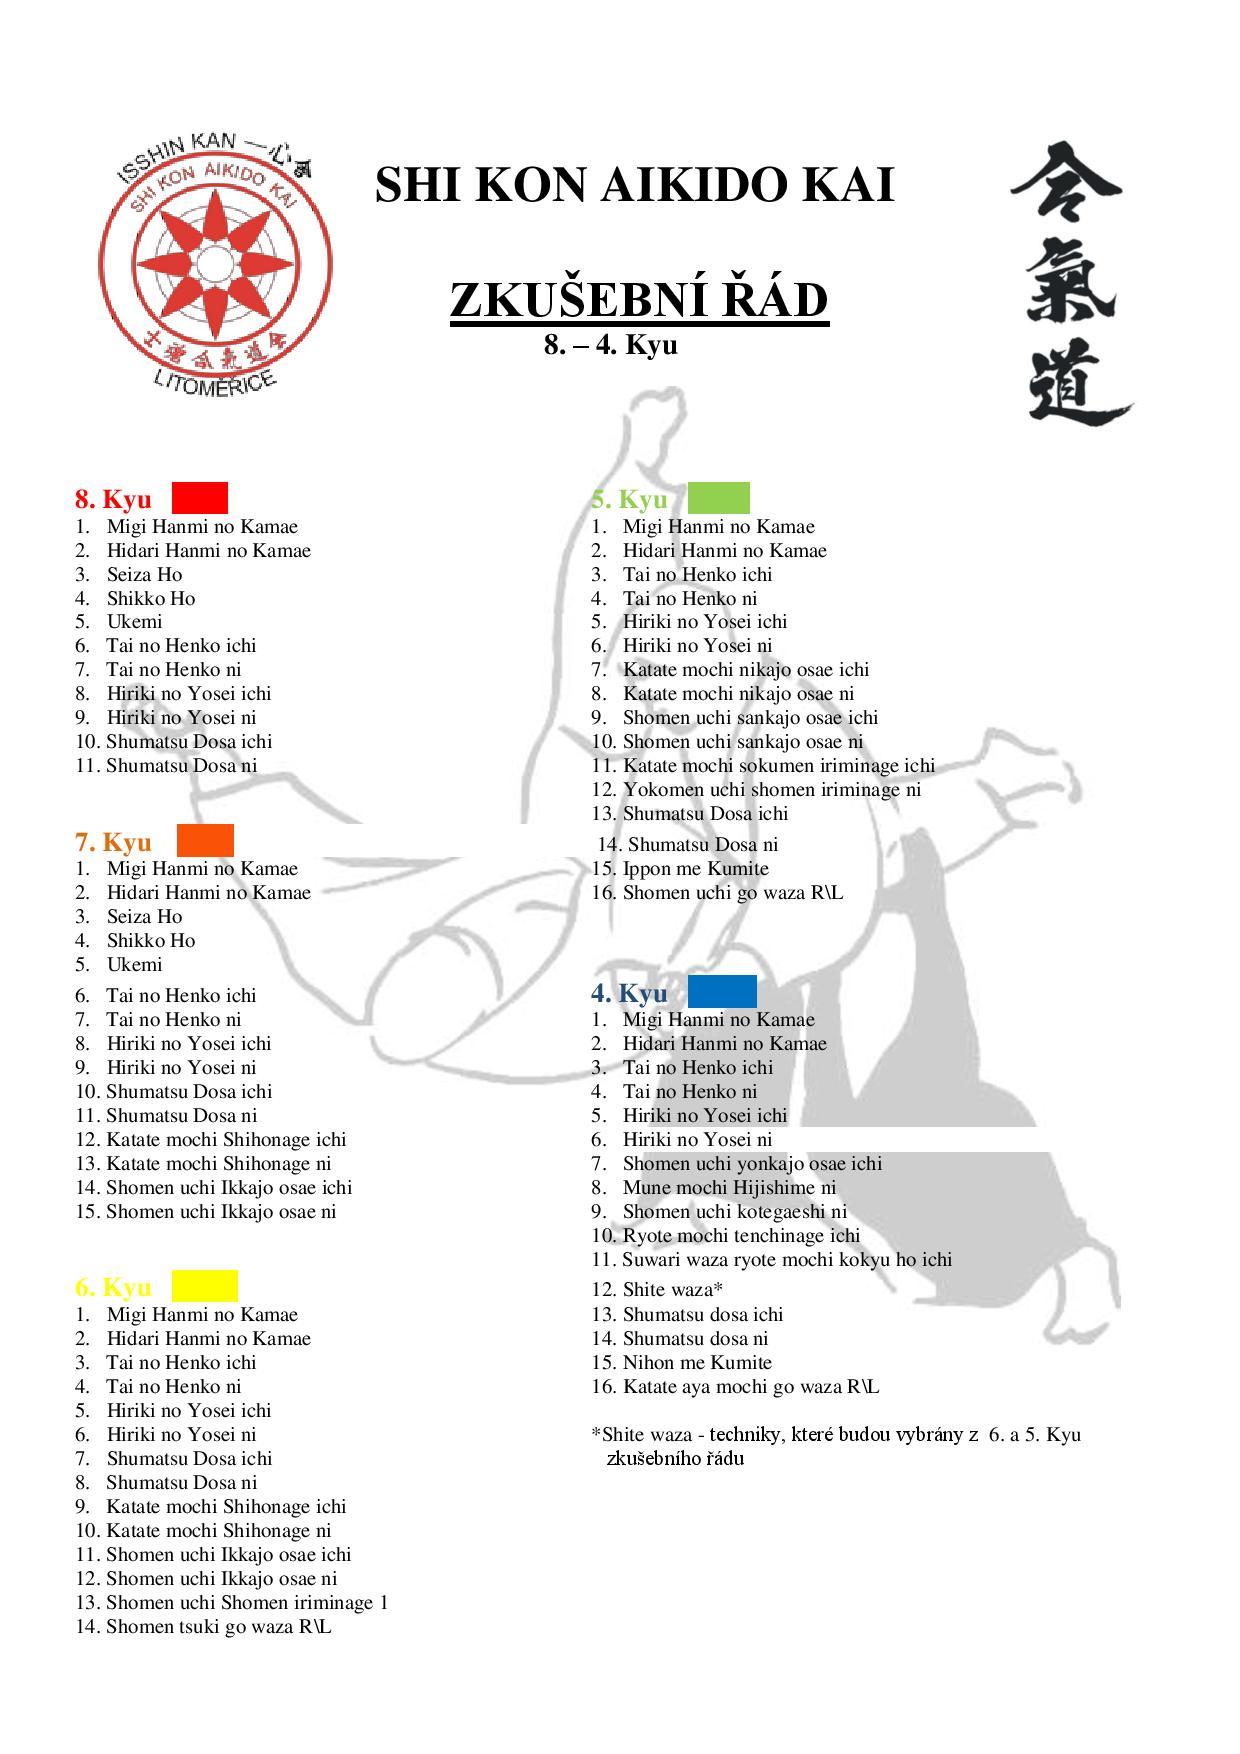 Zkušební řád 8 až 4 Kyu-page-001